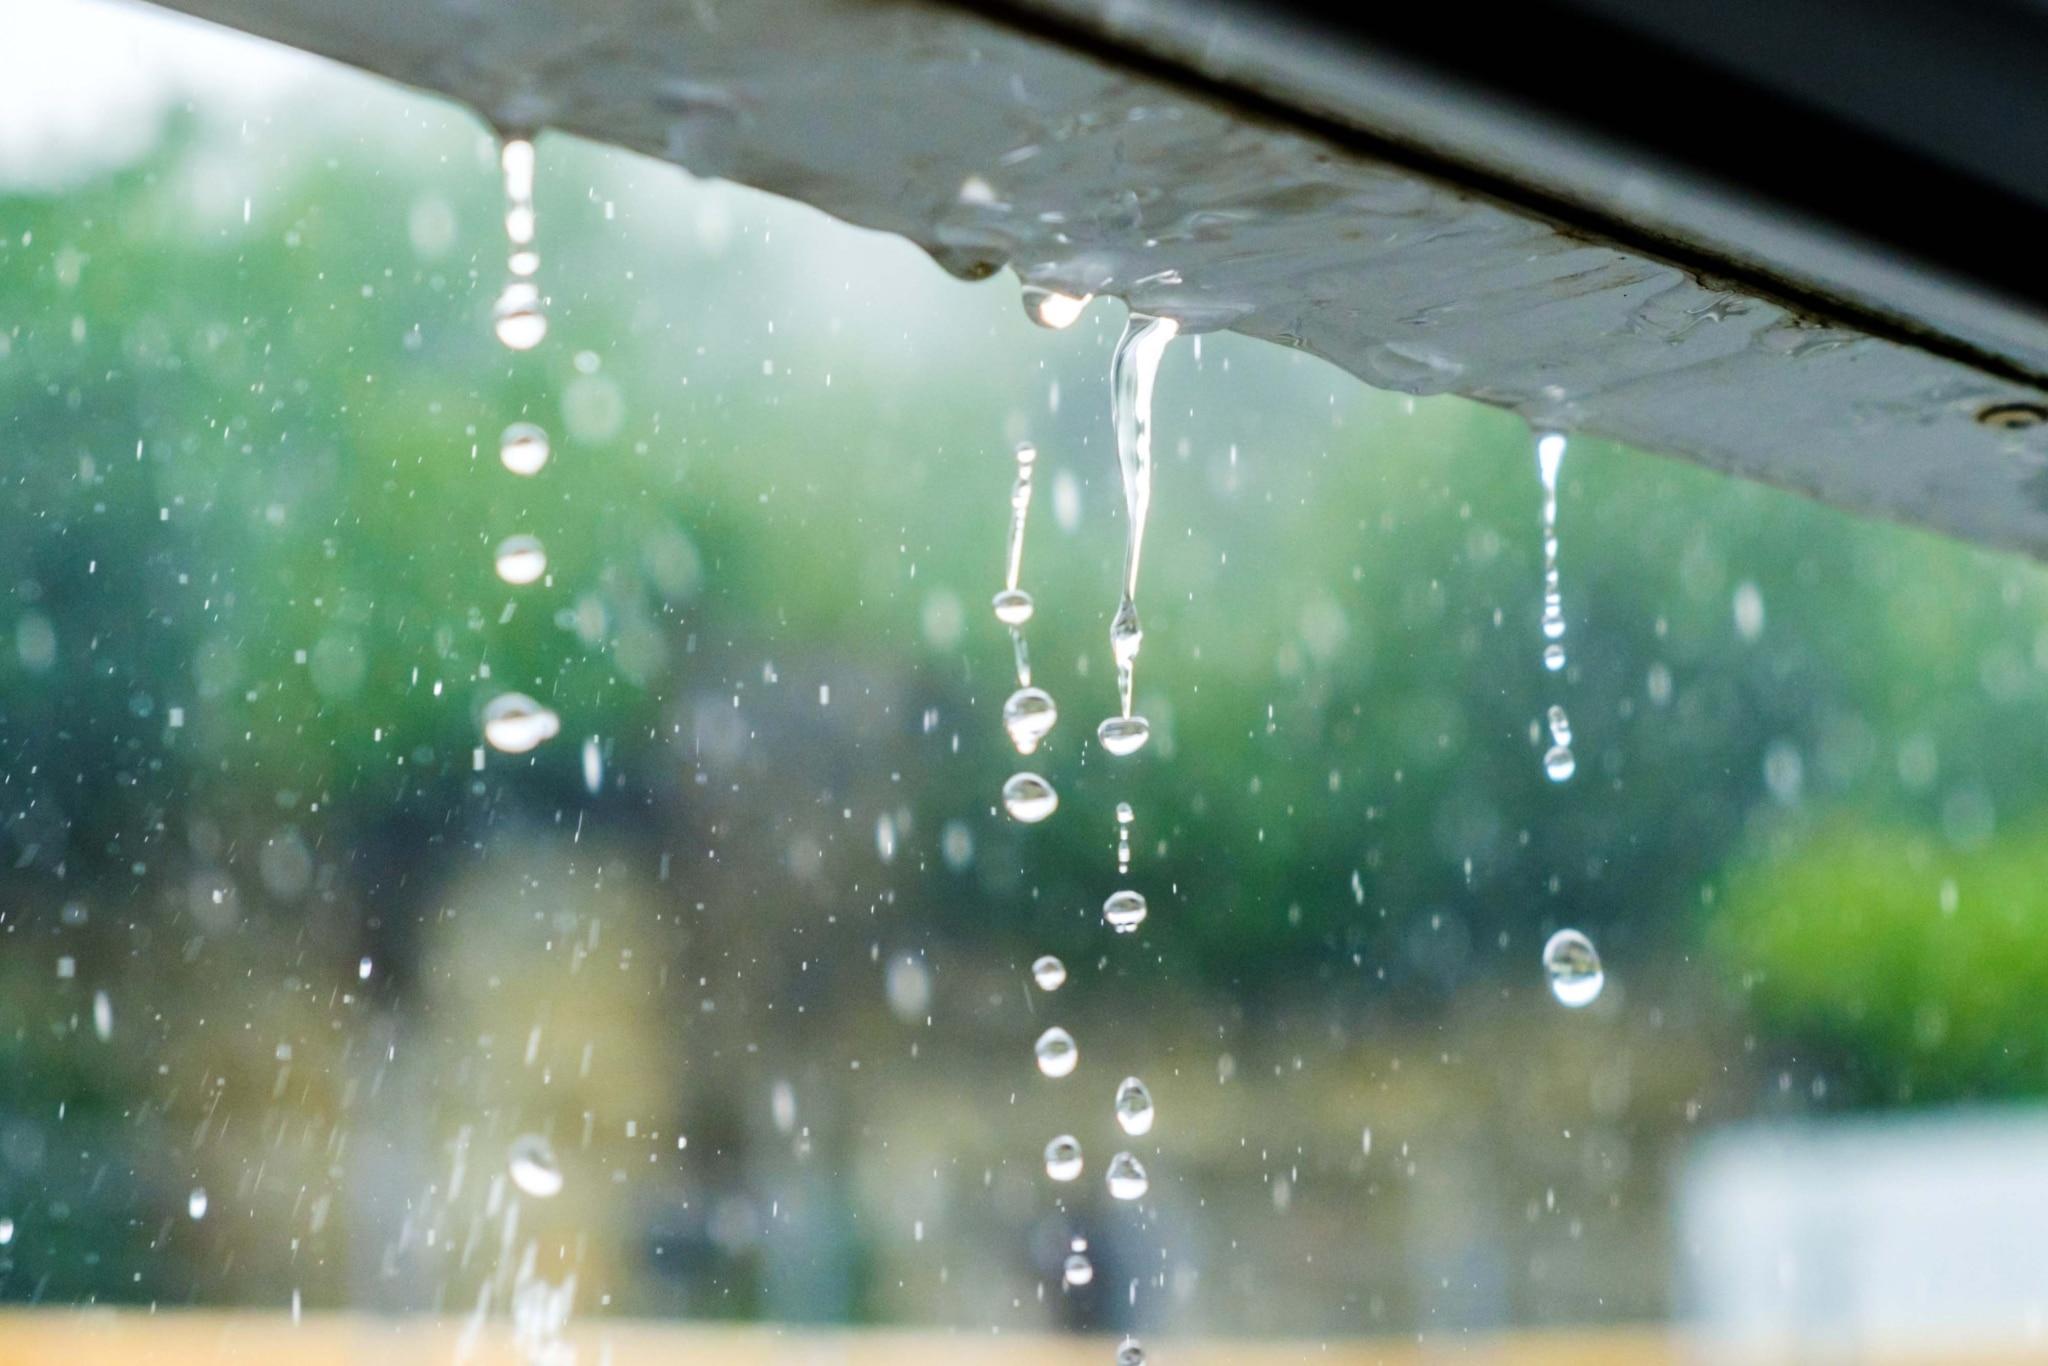 Regentropfen fallen von einer Dachrinnen.